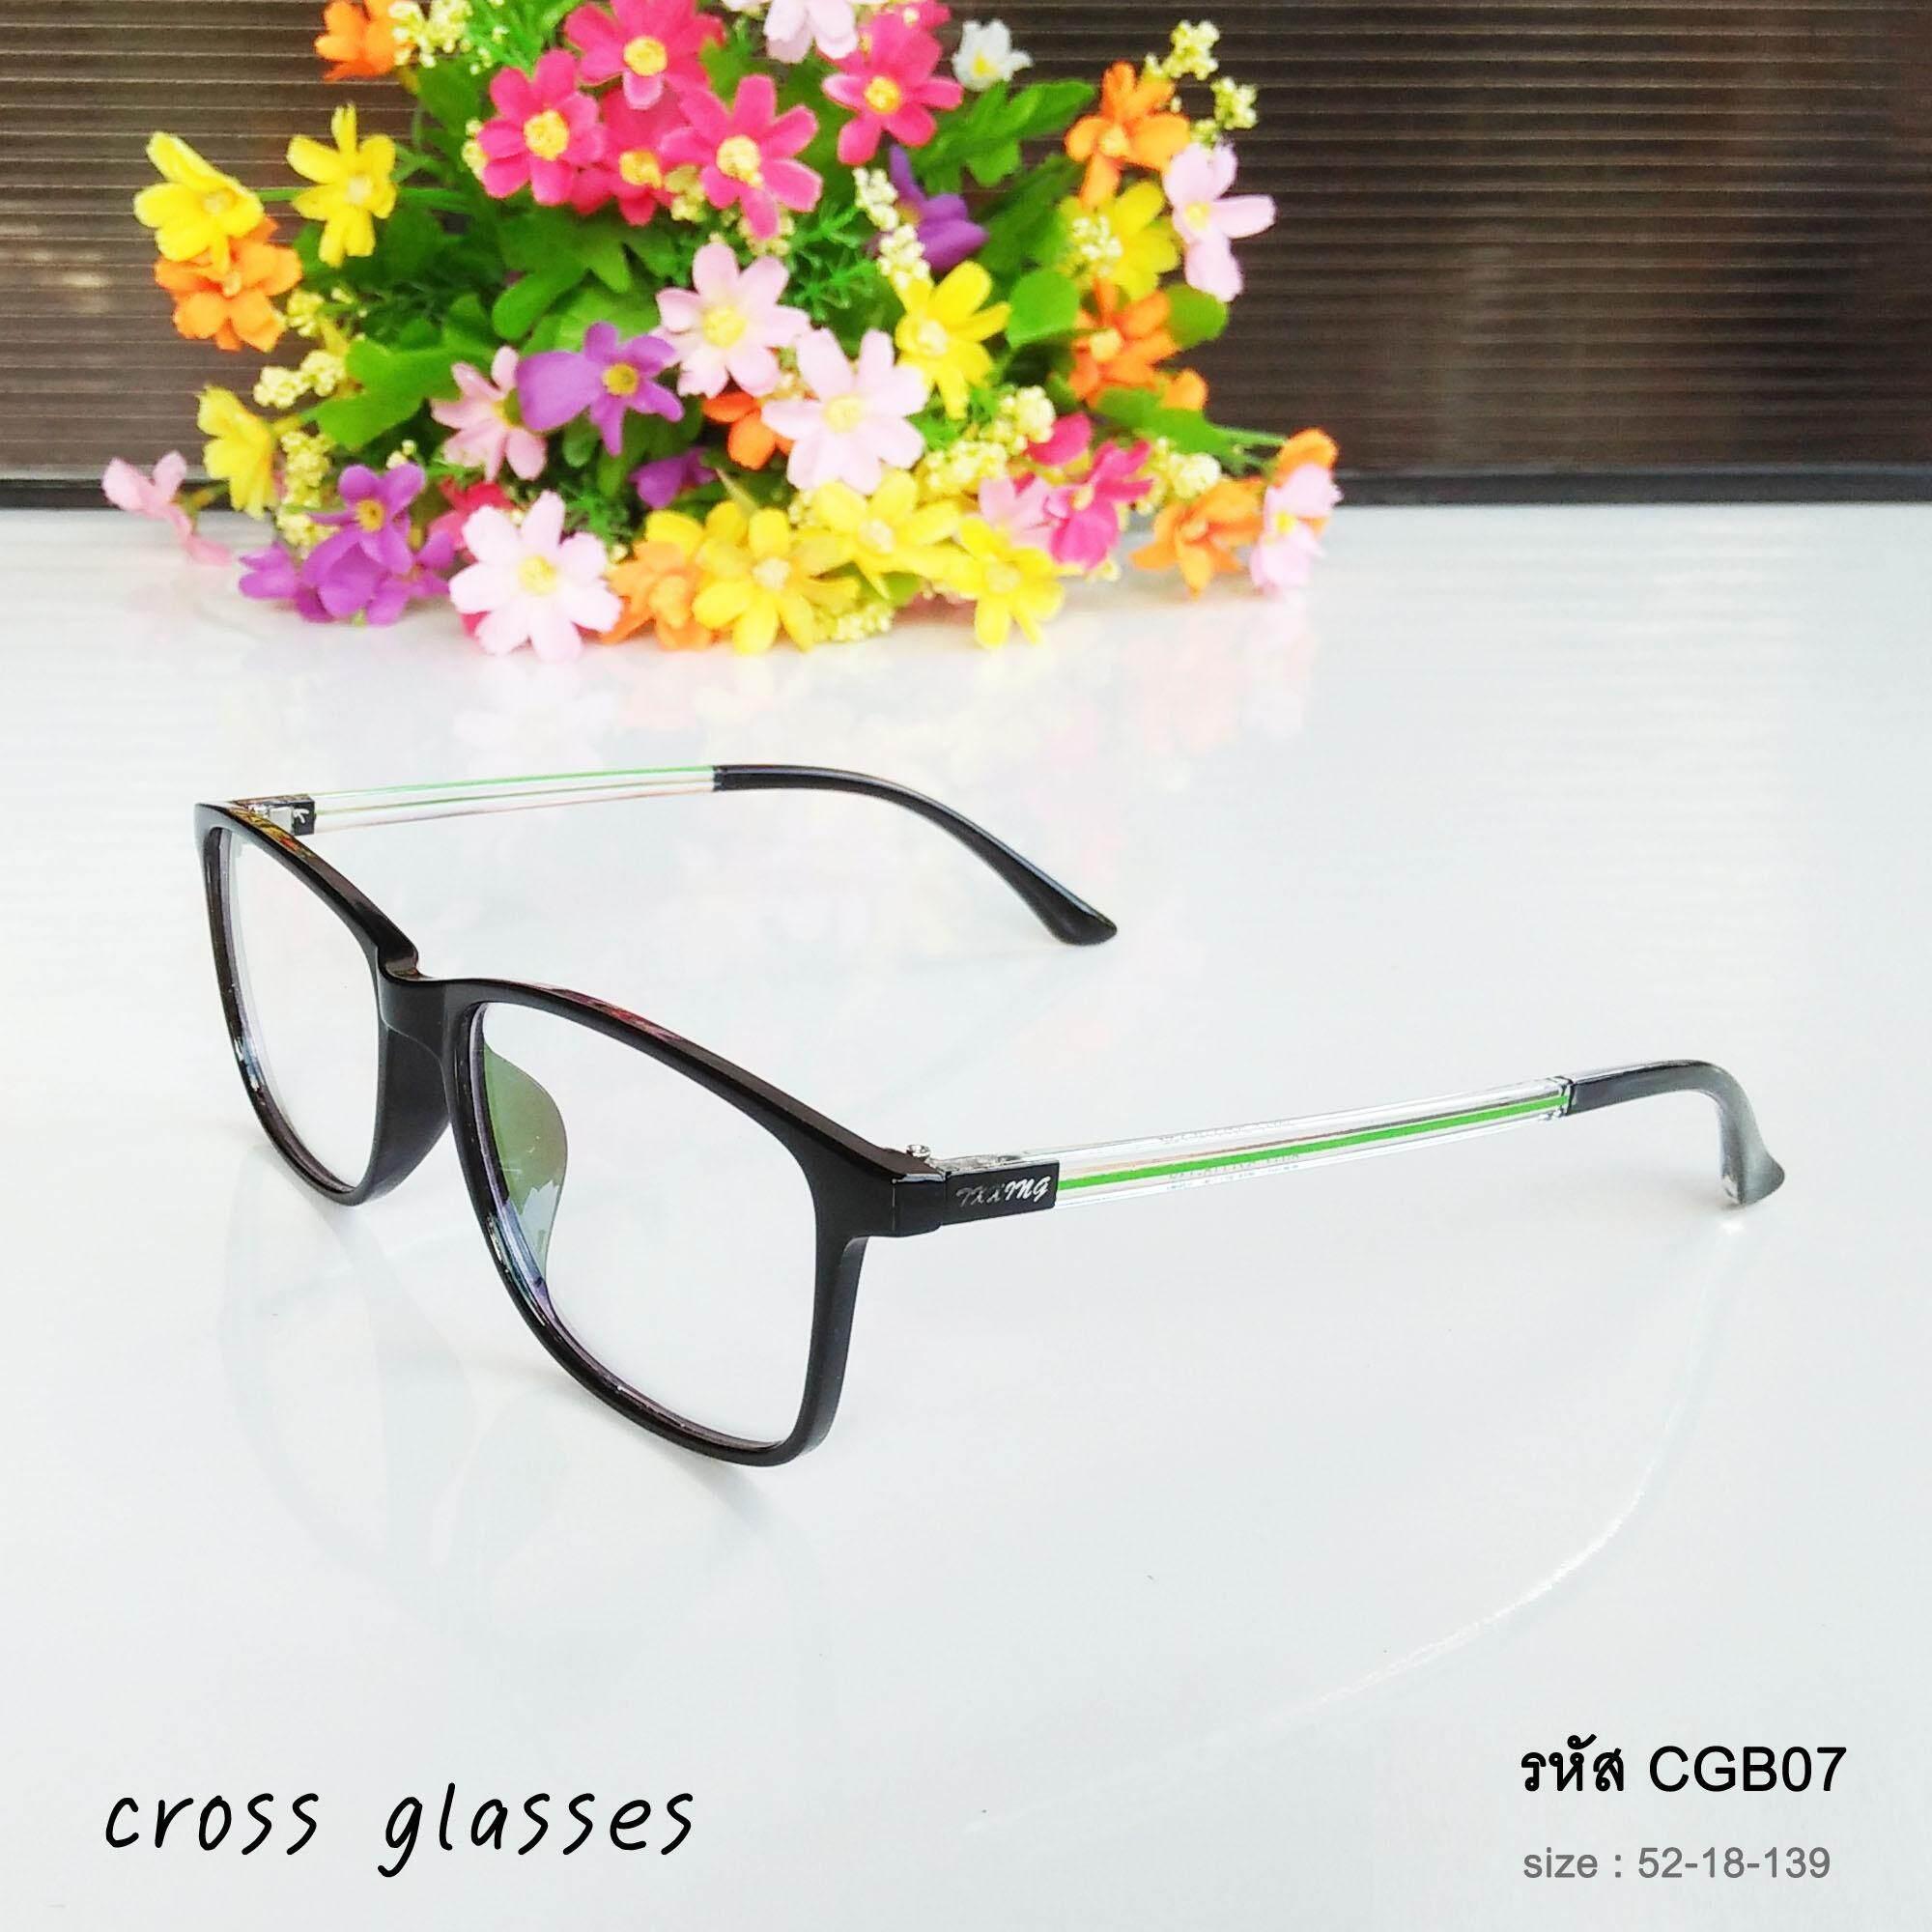 ราคา แว่นตากรองแสง กรอบแว่นคุณภาพดี รุ่น Cgb07 ราคาถูกที่สุด